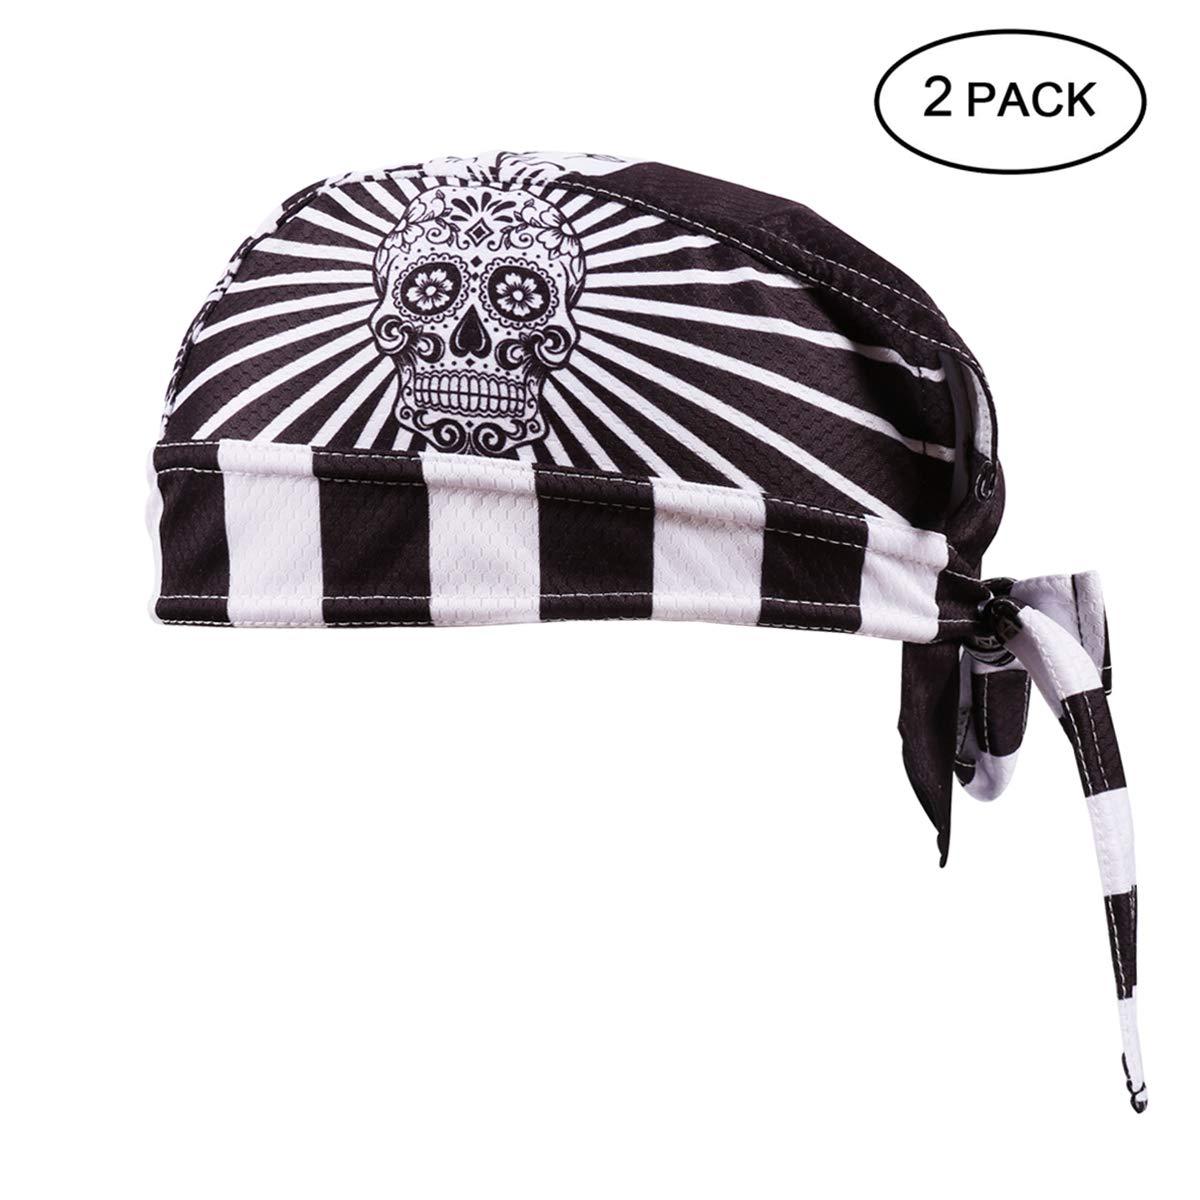 Feilaxleer 2 Sombreros de Ciclismo de Secado Rápido,Pañuelo Cabeza Bufanda Pirata Gorra de Hombre